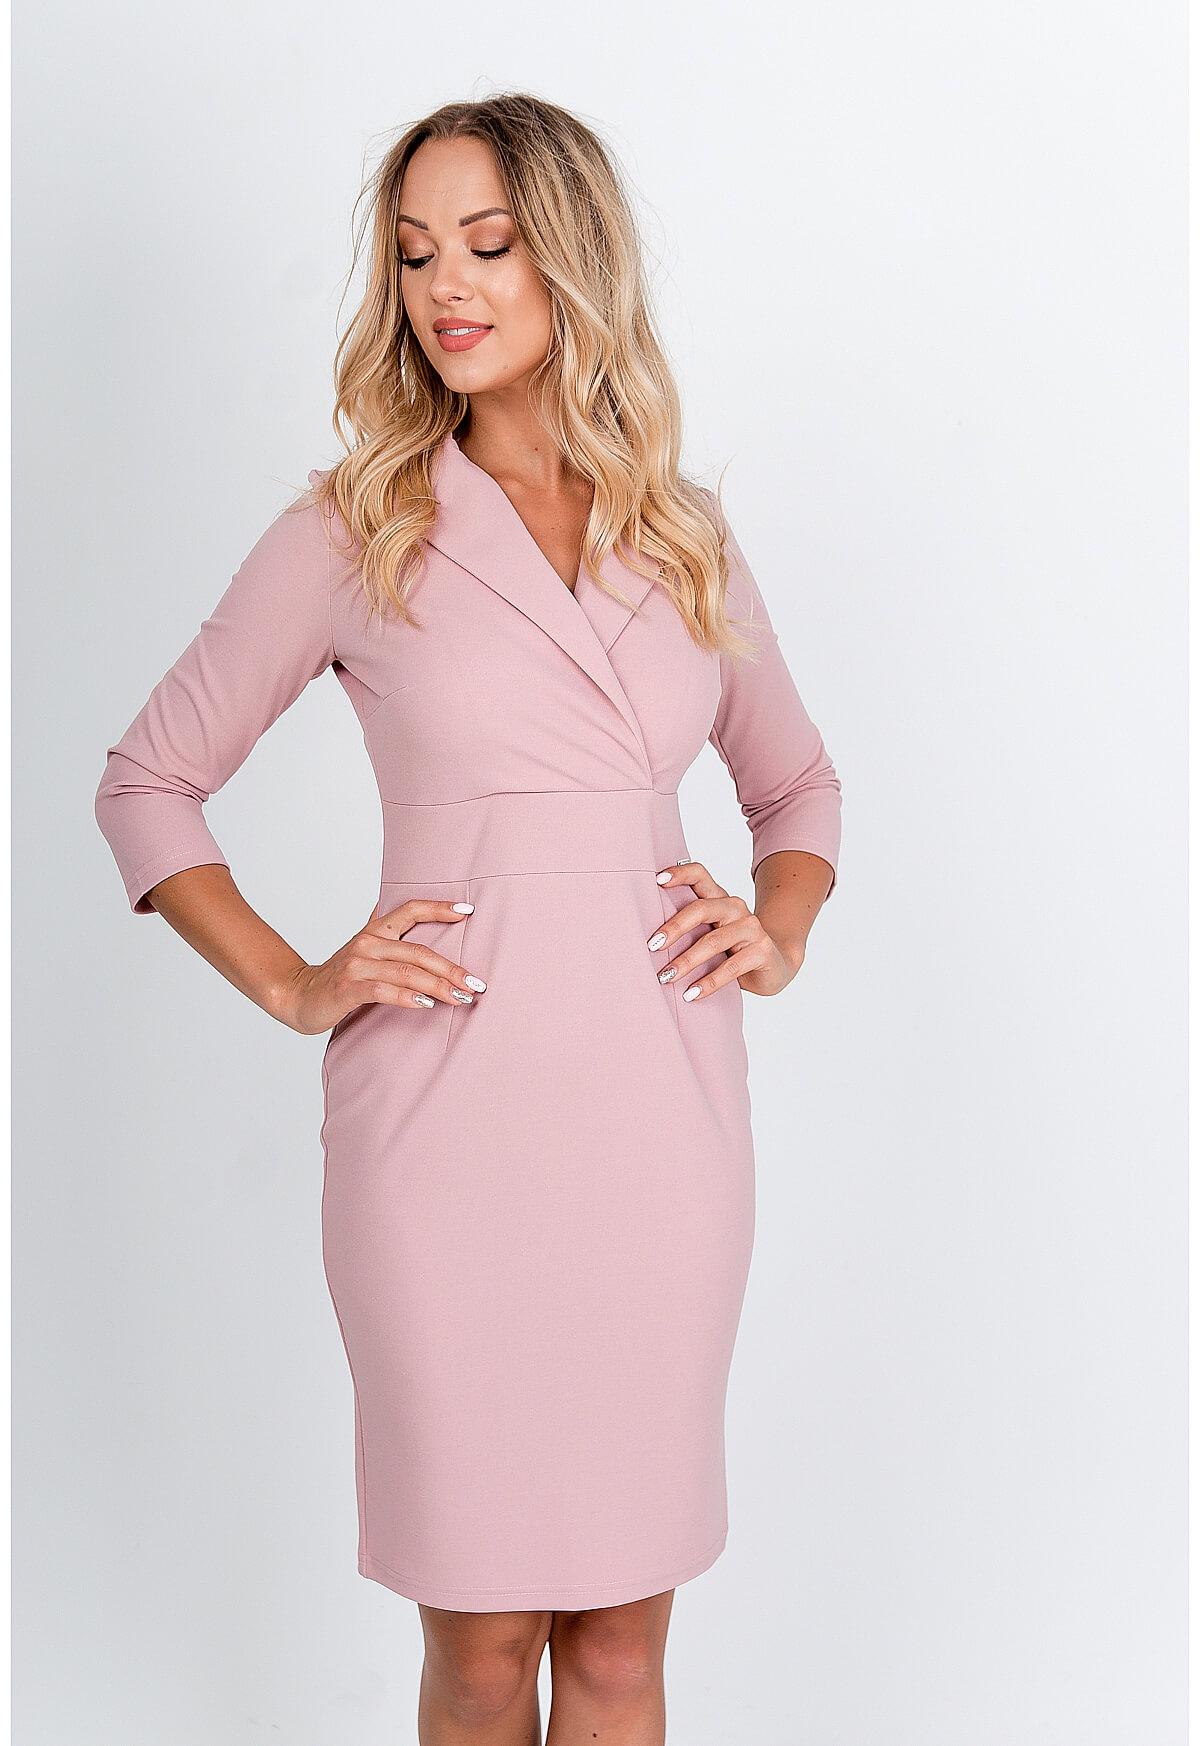 Ružové krátke večerné šaty - S